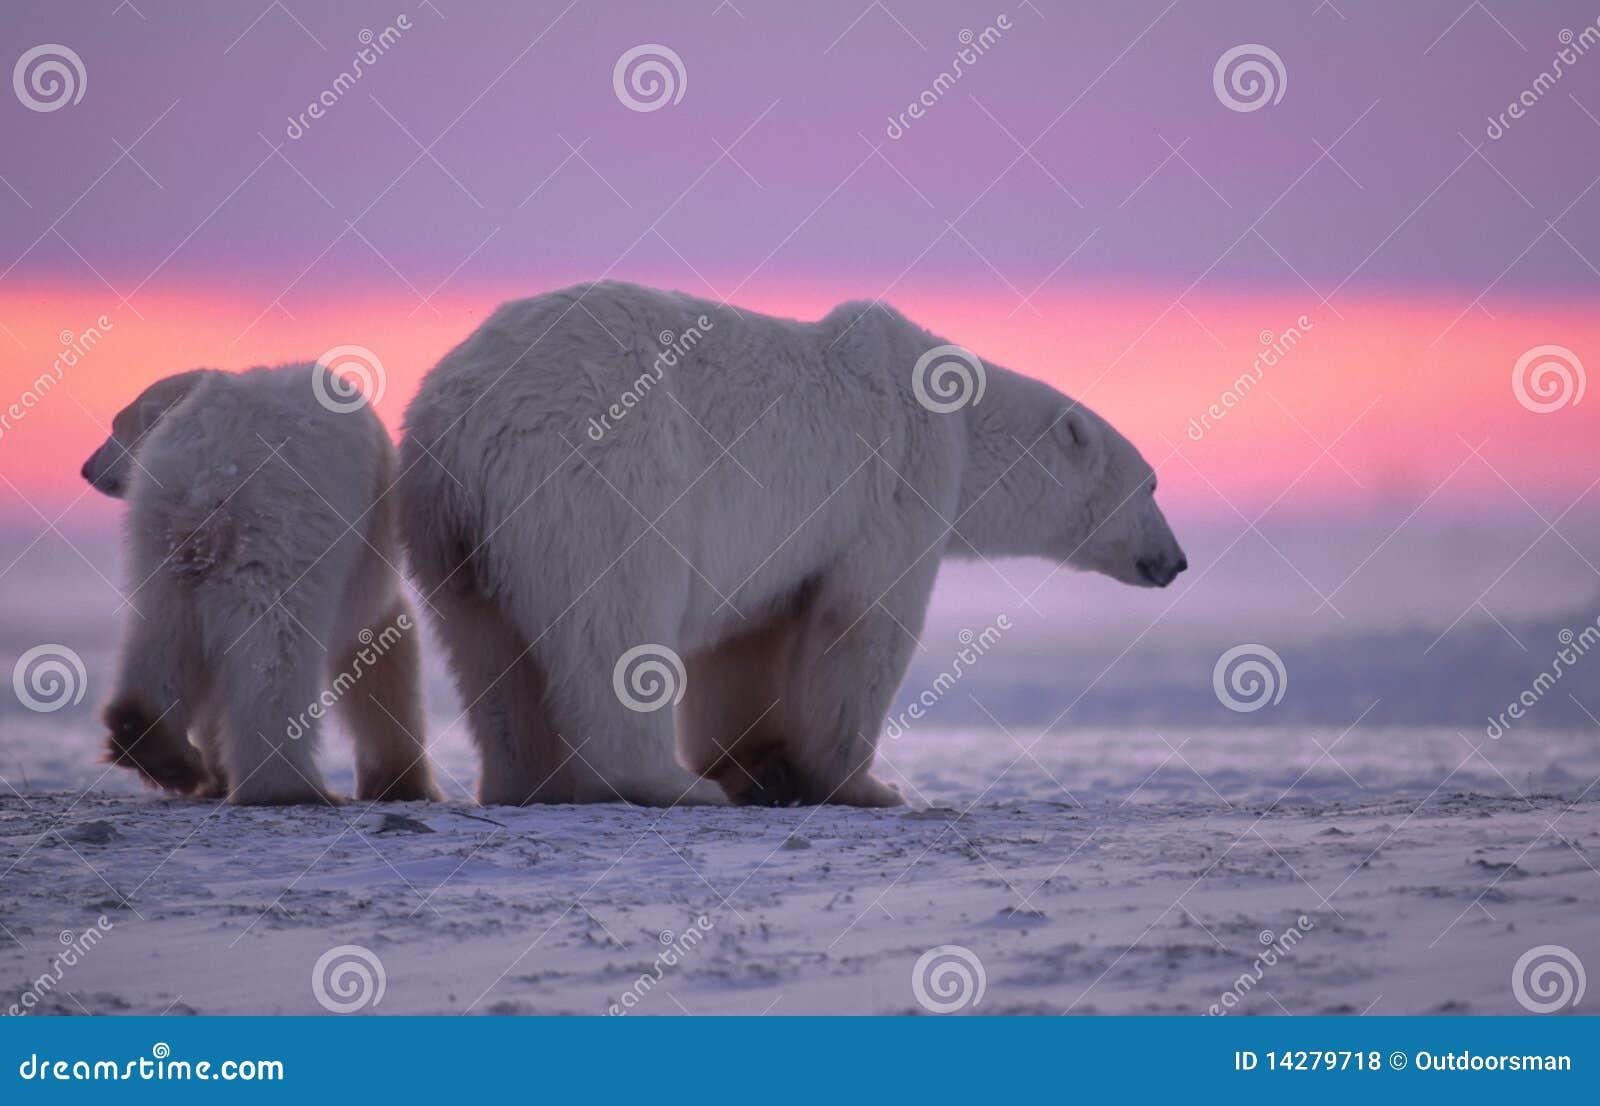 Ijsbeer en welp bij zonsondergang